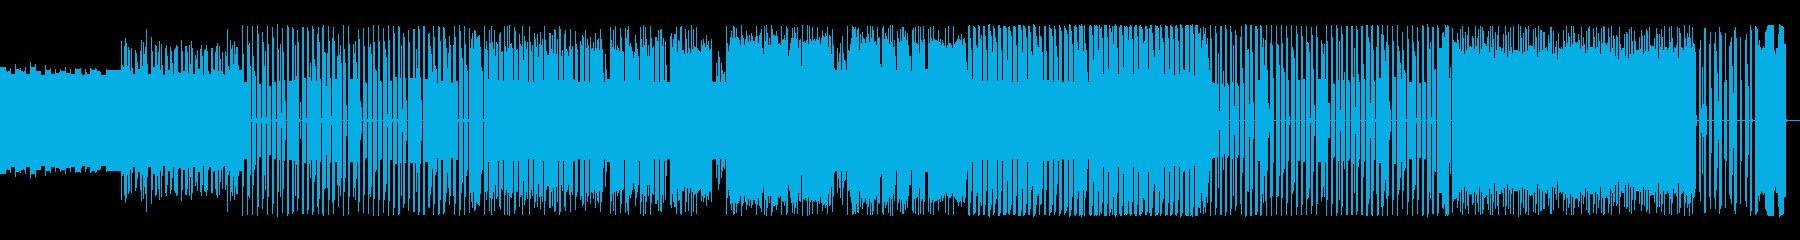 8bit優雅でコミカルな不思議のワルツの再生済みの波形